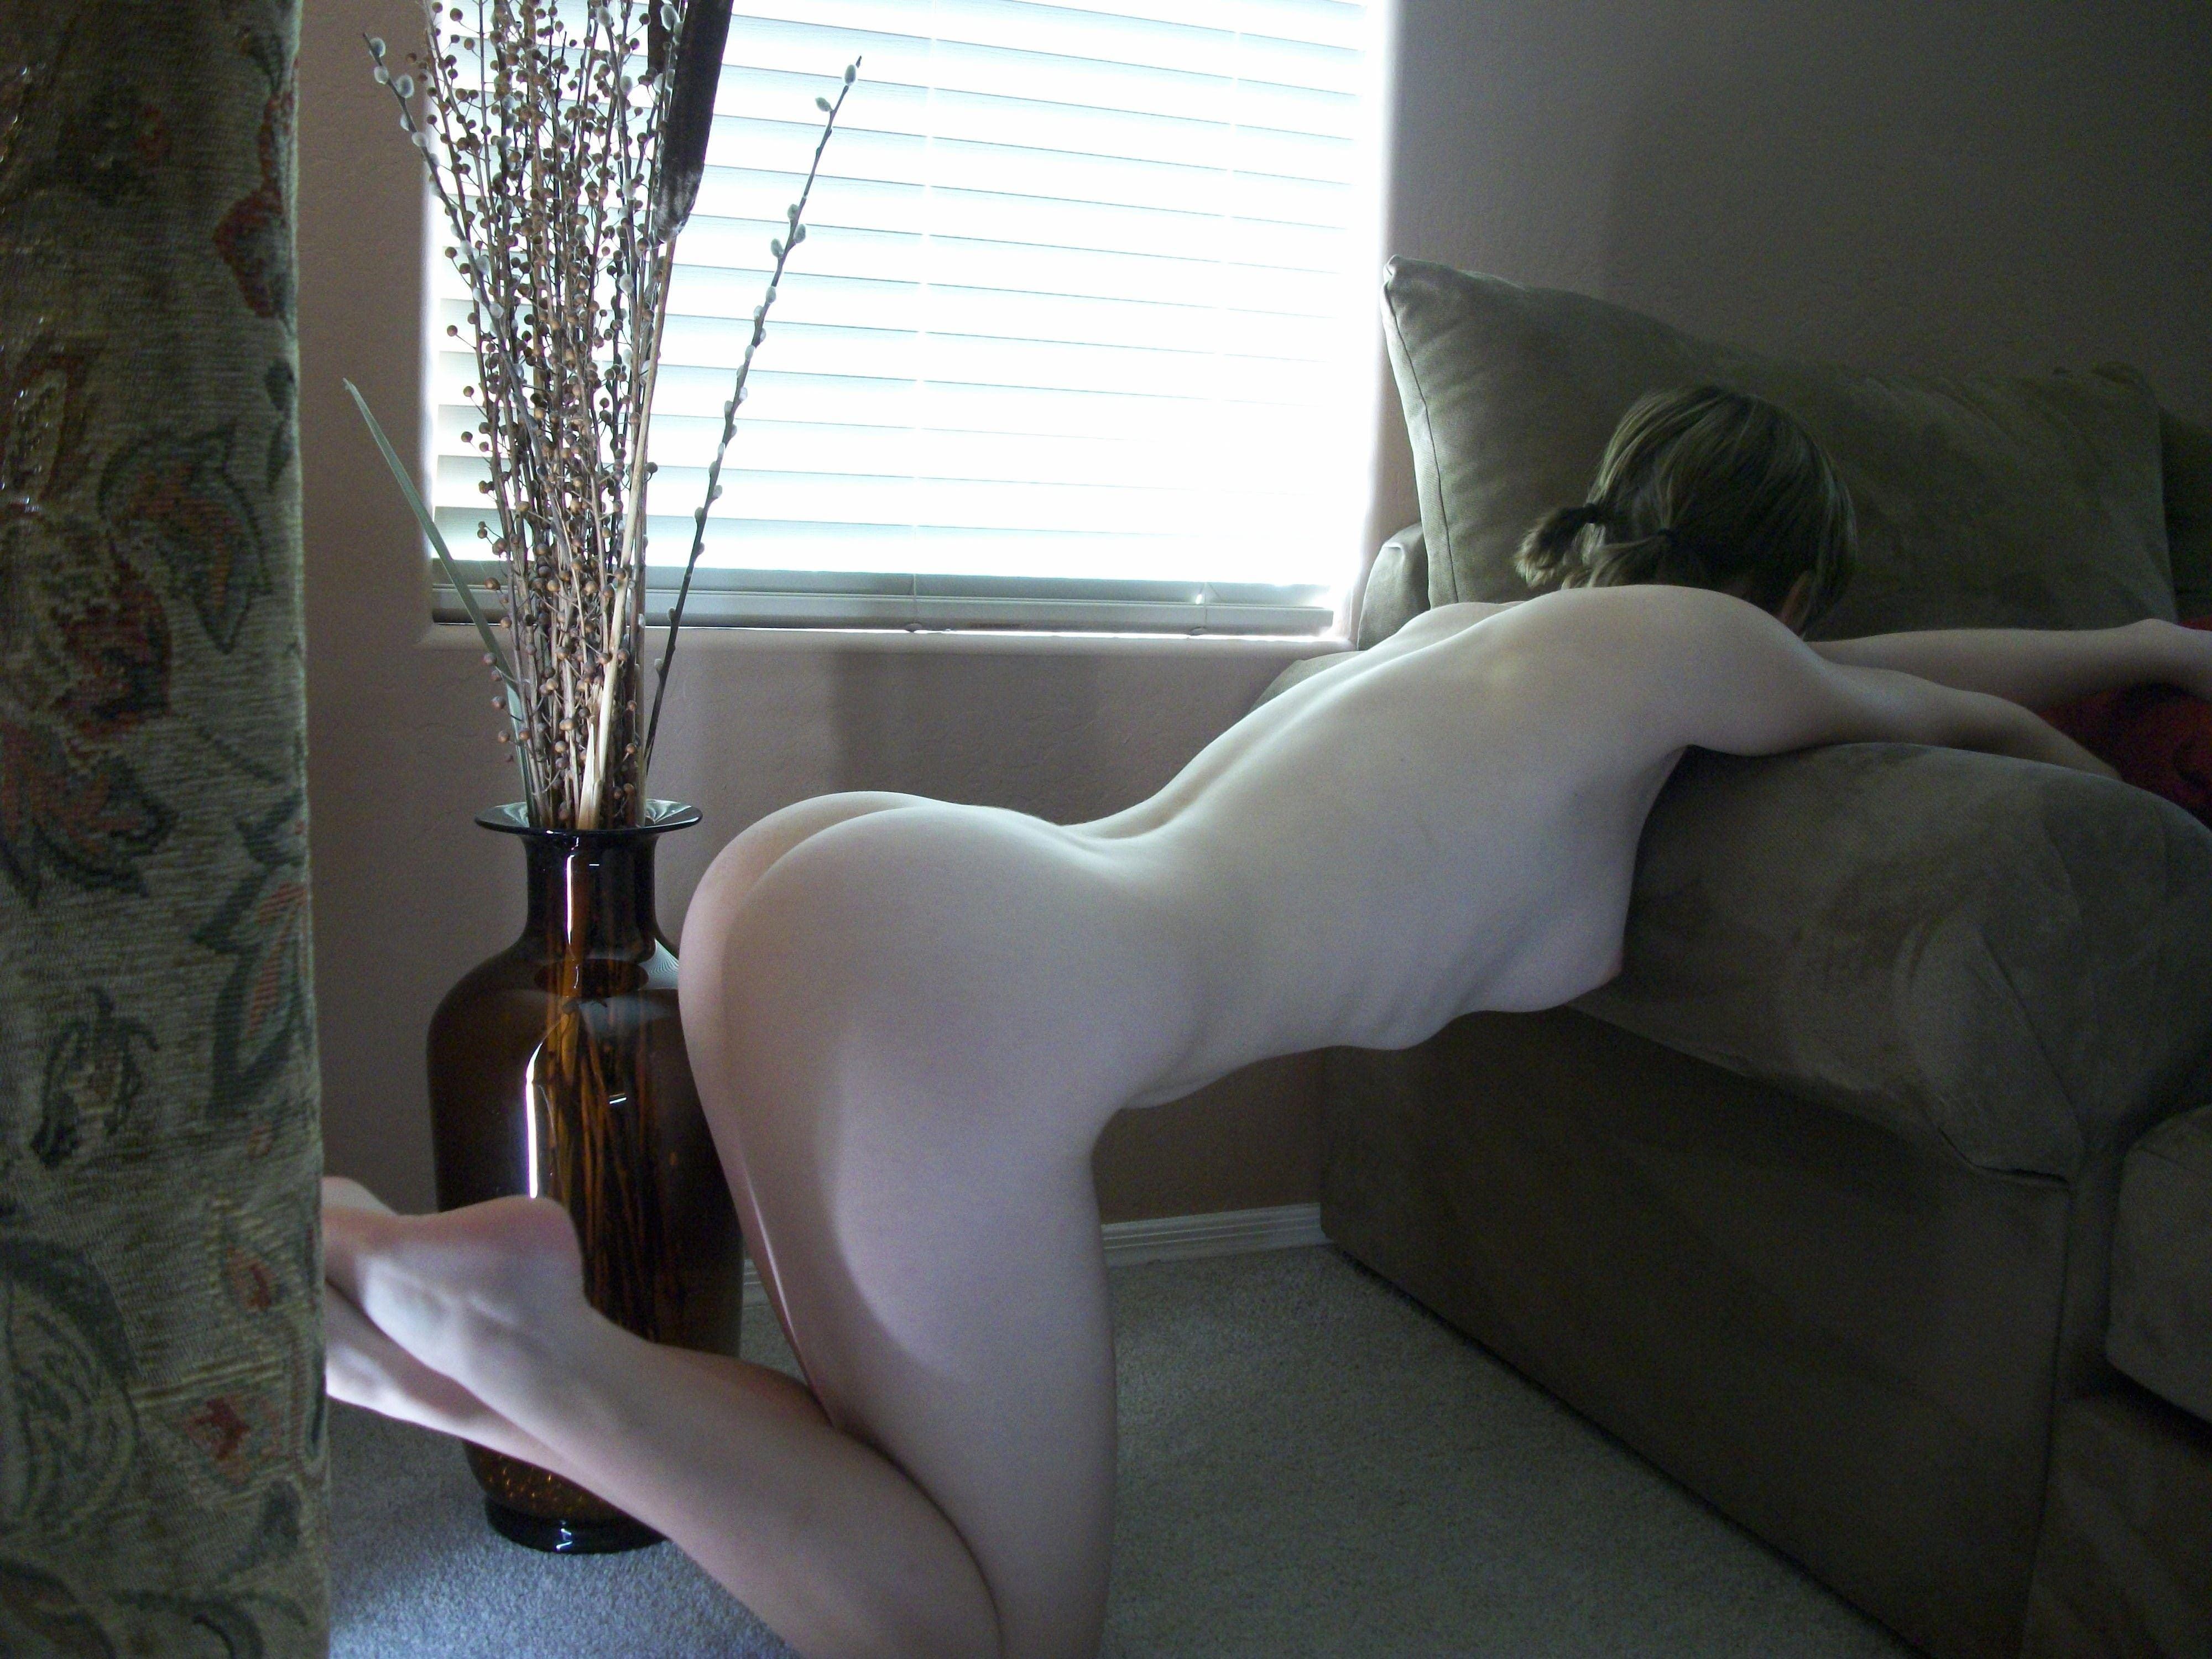 【外人】親に隠れて自宅でこっそりフルヌード自画撮りしてるポルノ画像 7187